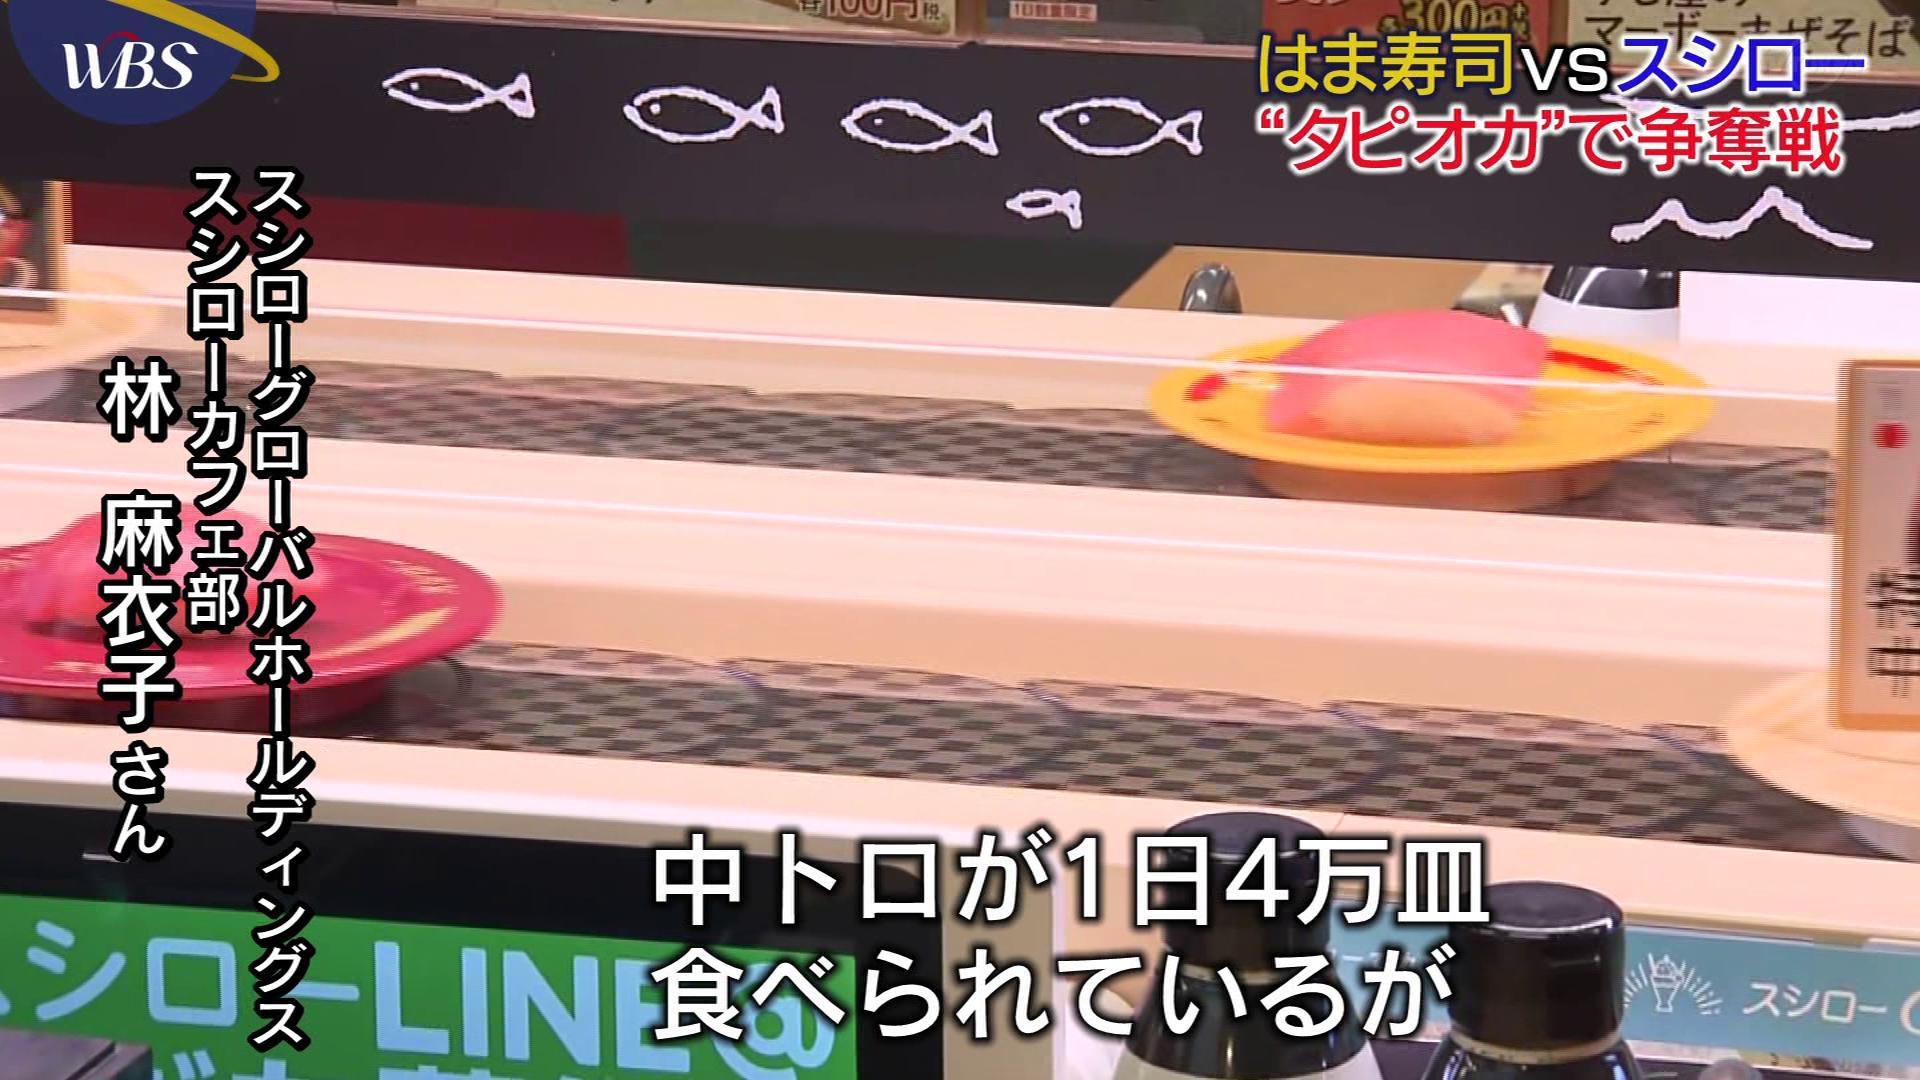 タピオカ人気が凄すぎる!スシローでもお寿司よりタピオカが売れている!